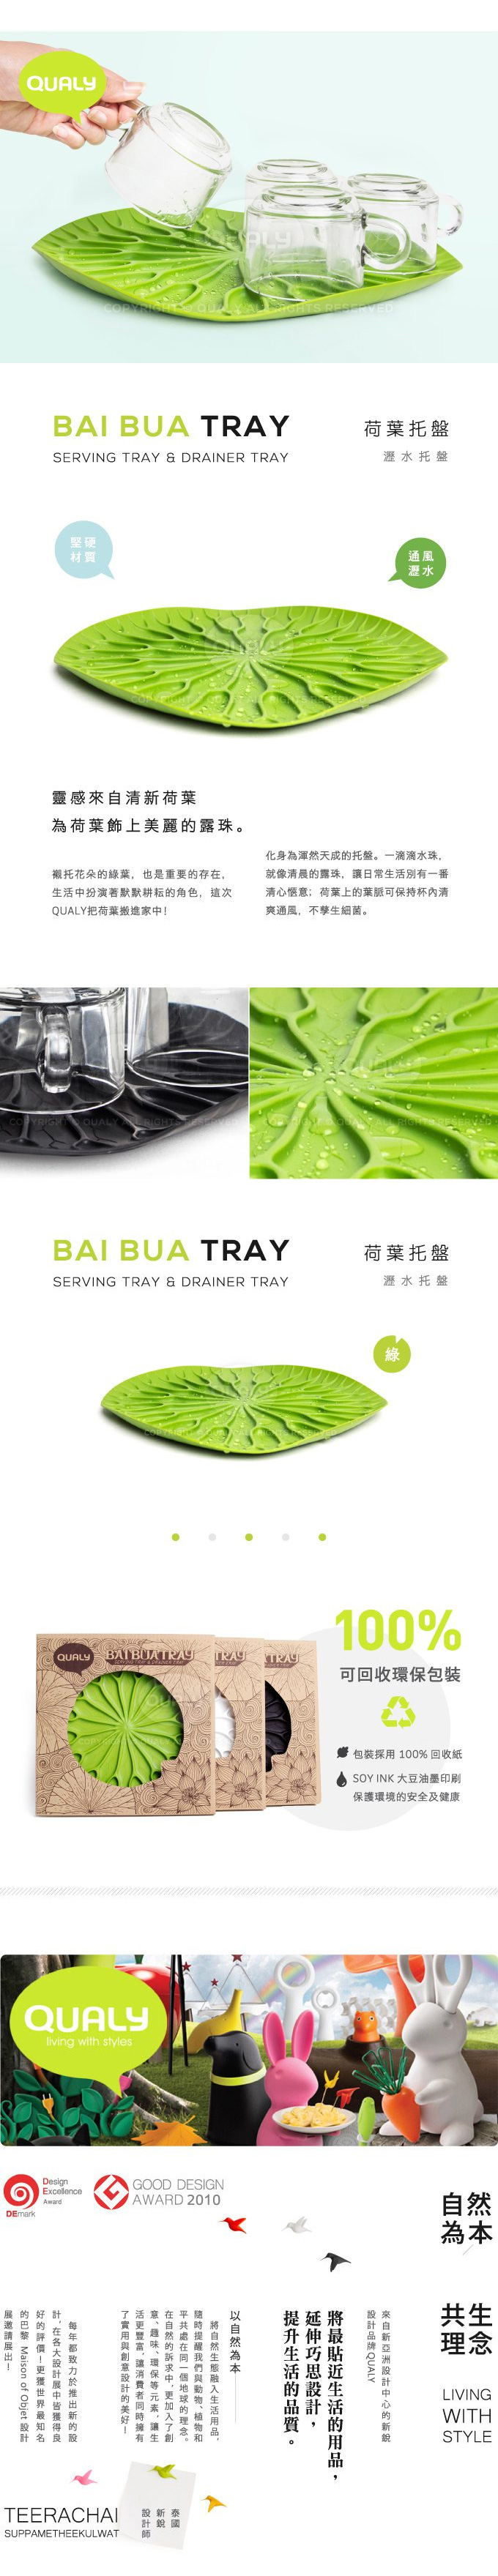 【11/1~11/30聖誕早鳥優惠】 QUALY Bai Bua Tray 荷葉托盤